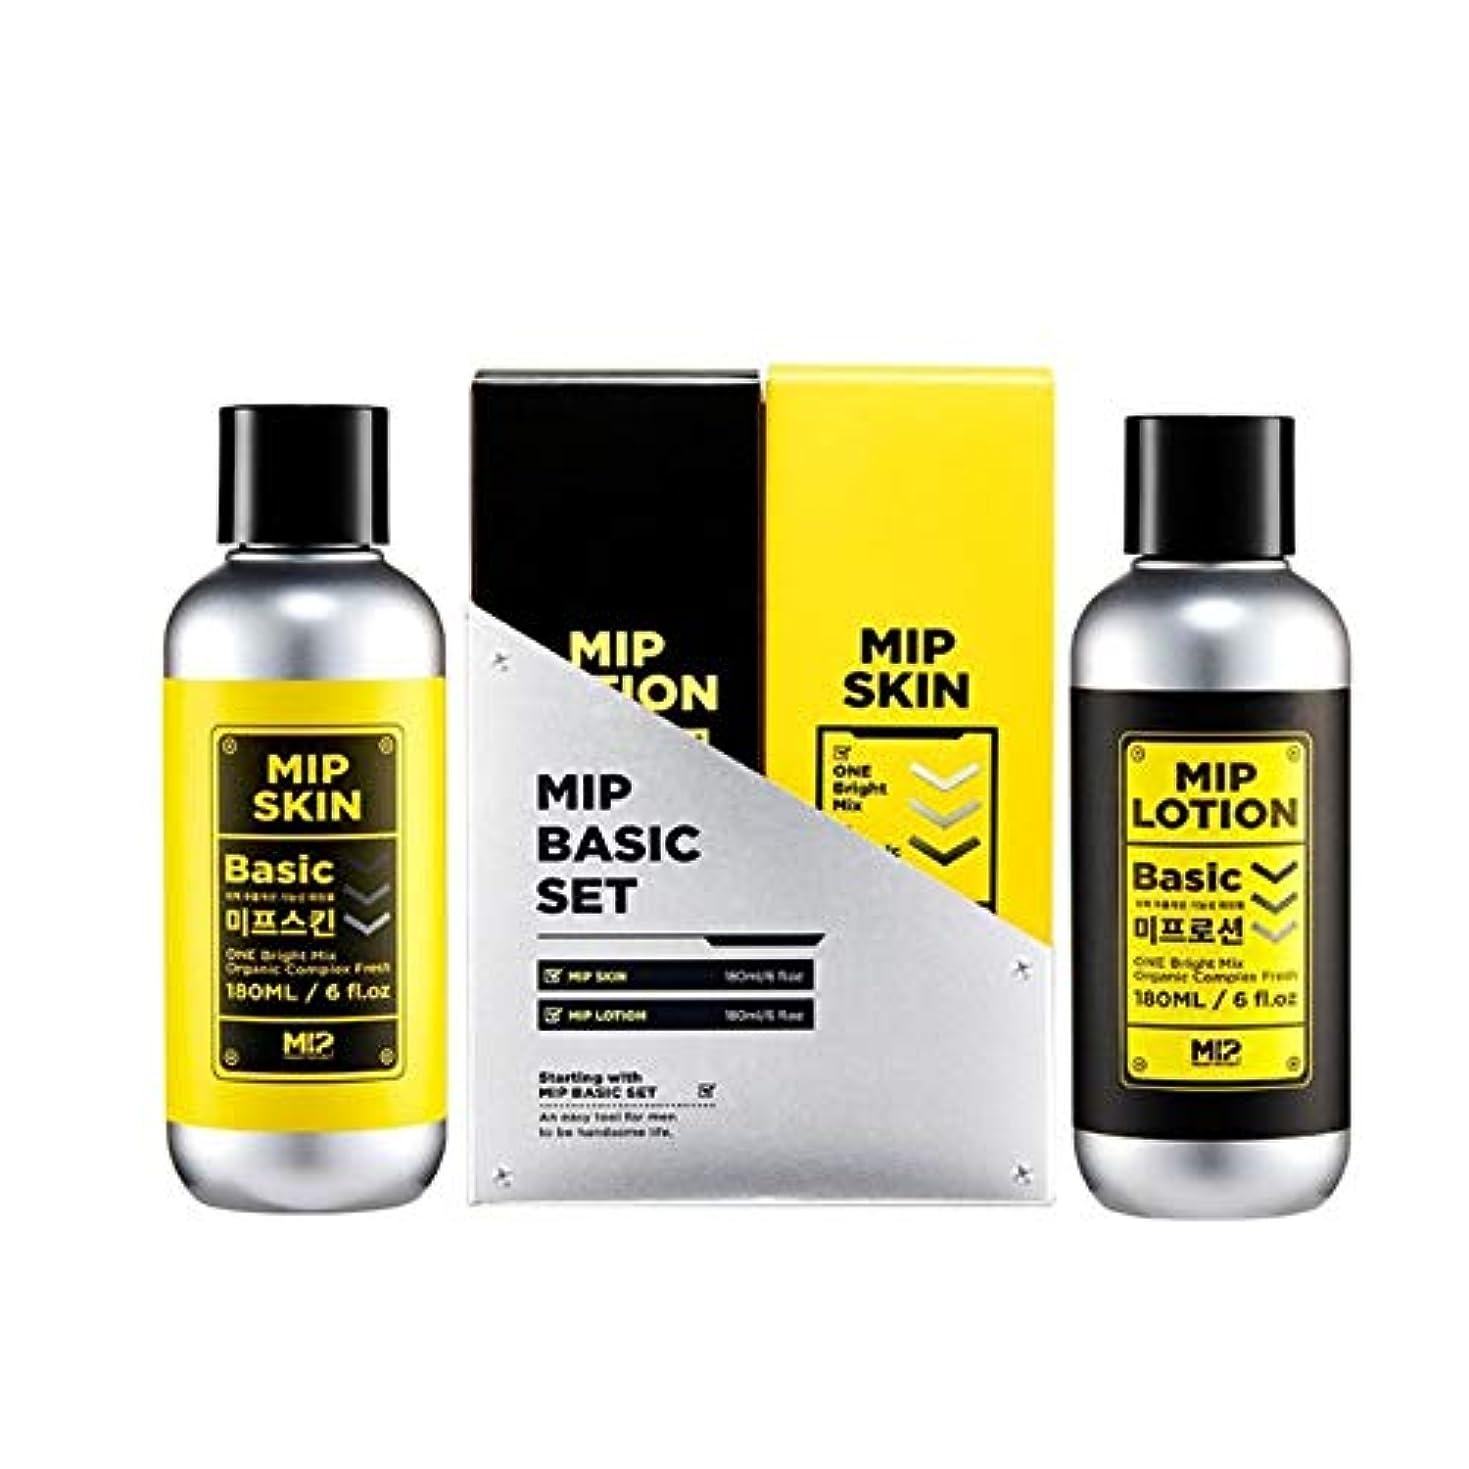 発生旅客前兆ミップスキン180mlローション180mlセットメンズコスメ韓国コスメ、Mip Skin 180ml Lotion 180ml Set Men's Cosmetics Korean Cosmetics [並行輸入品]